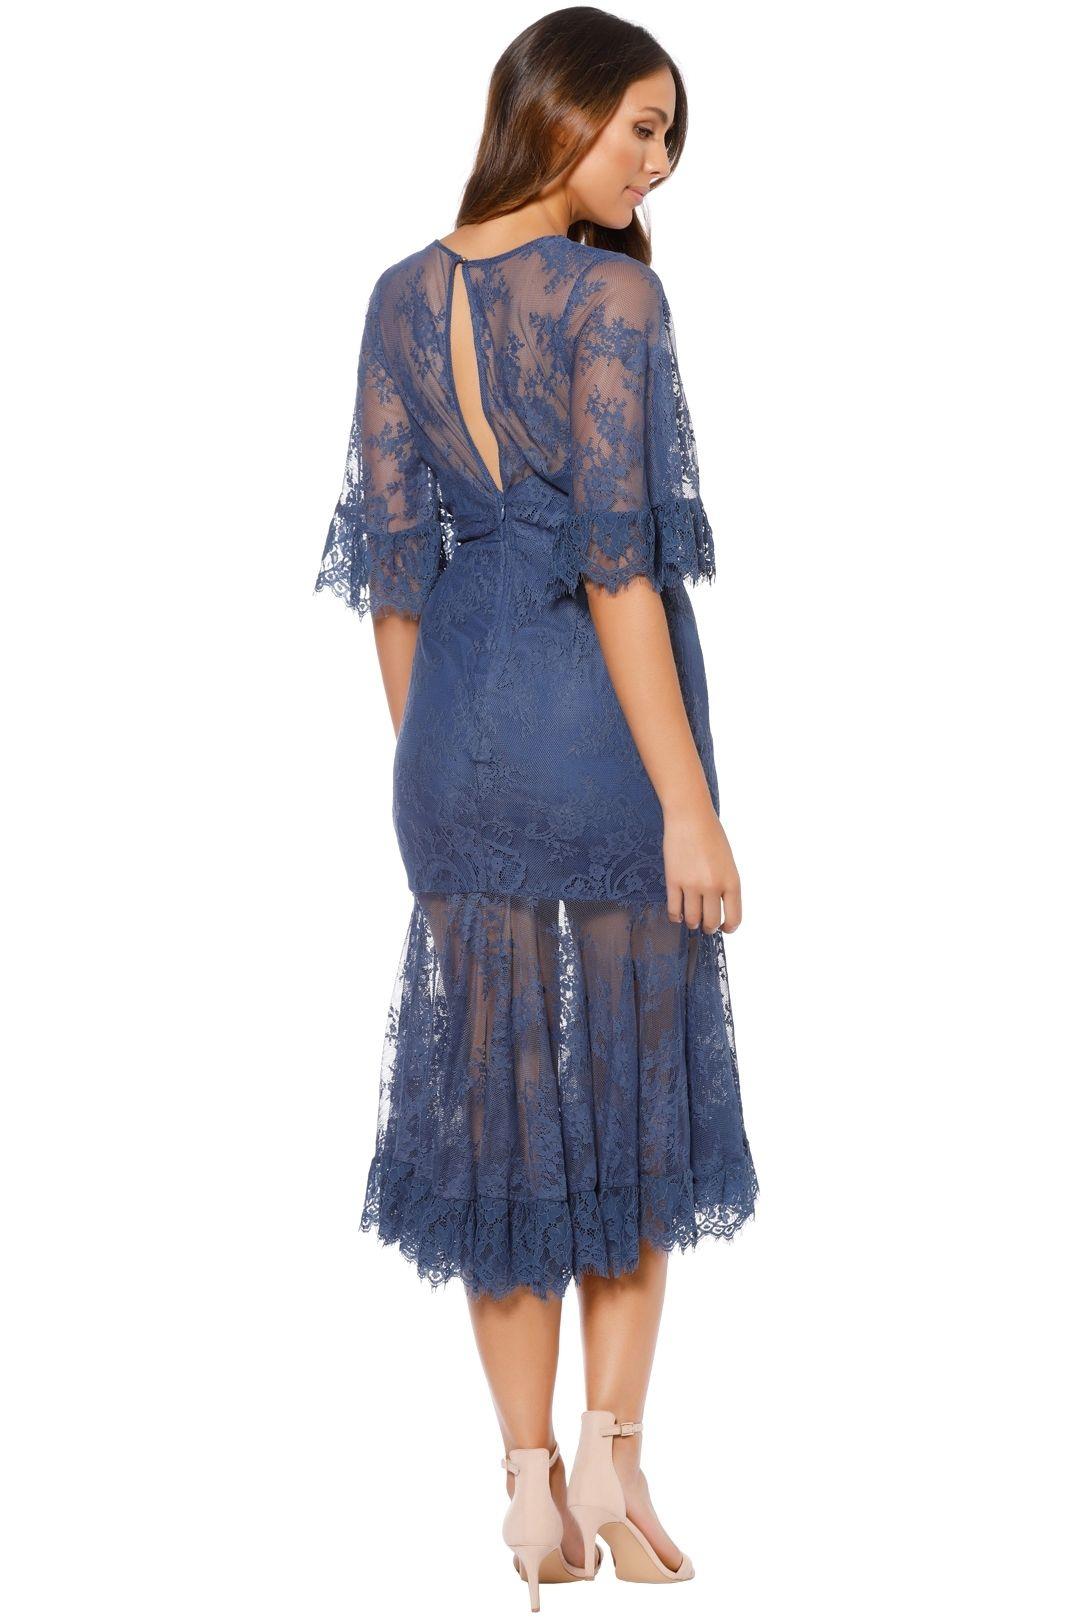 Talulah - Transpire Lace Maxi Dress - Blue - Back